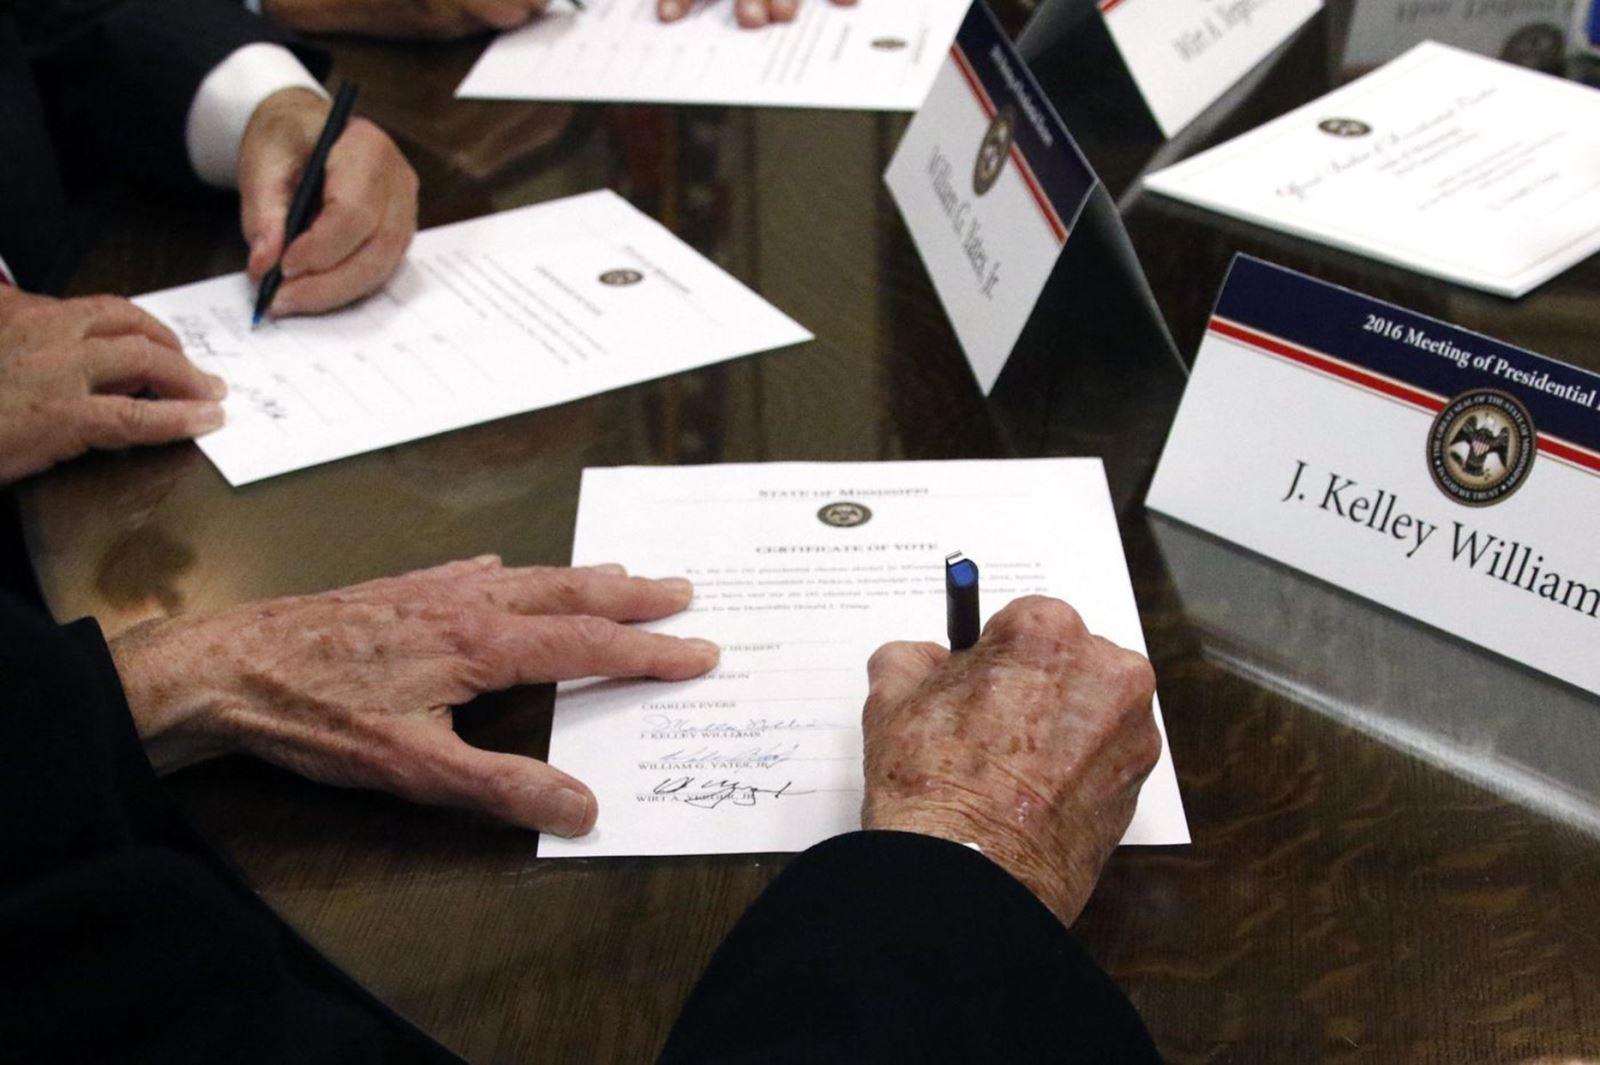 Cử tri đoàn ký xác nhận lá phiếu bầu Tổng thống và Phó Tổng thống Mỹ tại phiên bỏ phiếu của các đại cử tri ở Lansing, bang Michigan ngày 14-12. Ảnh: AFP/TTXVN